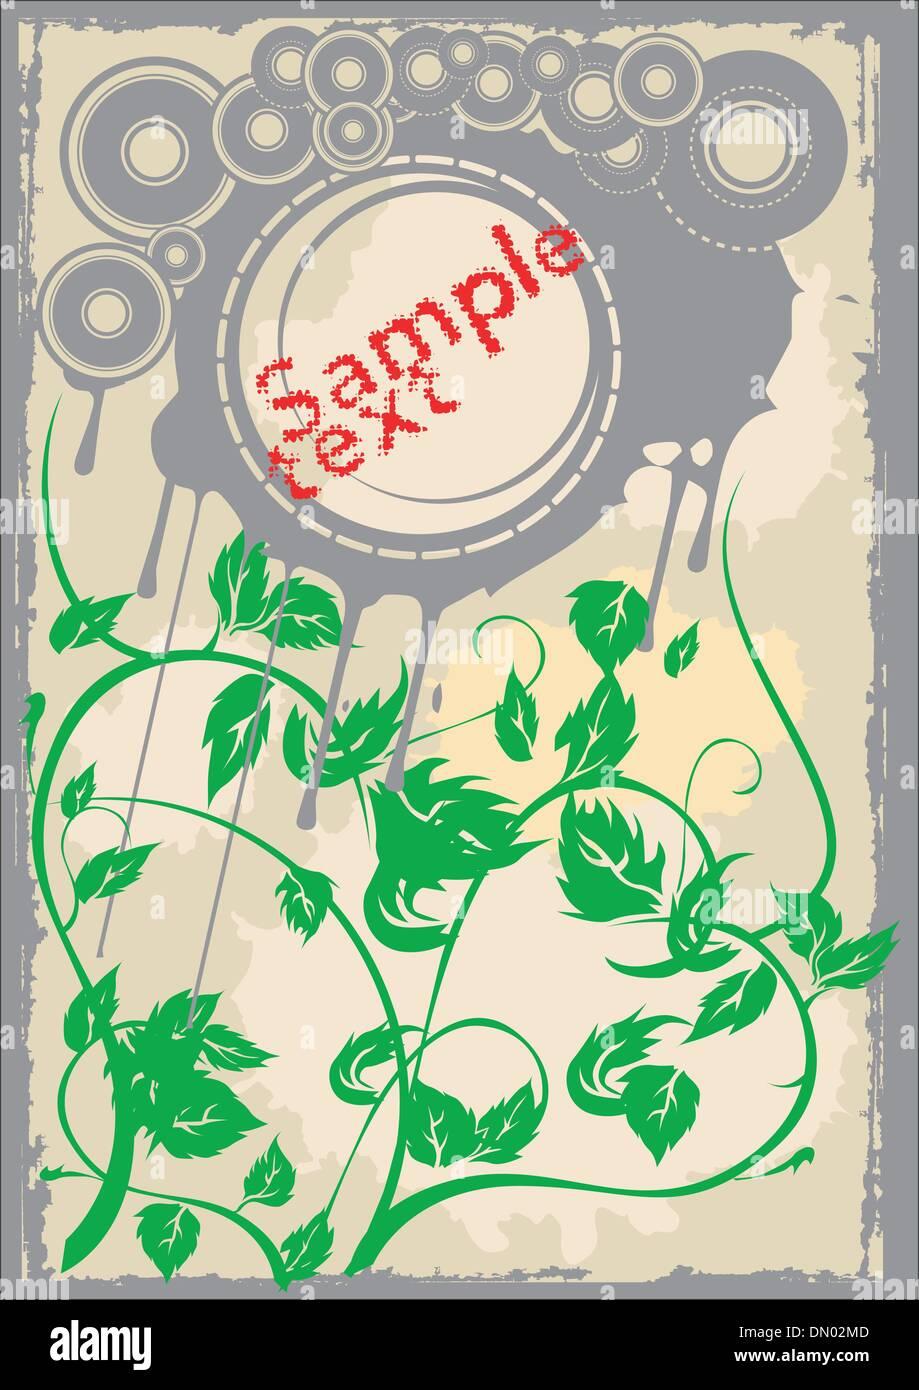 Discos de folhas verdes de cinza página antiga. Flayer. Ilustração do vetor. Sem malhas. Imagens de Stock